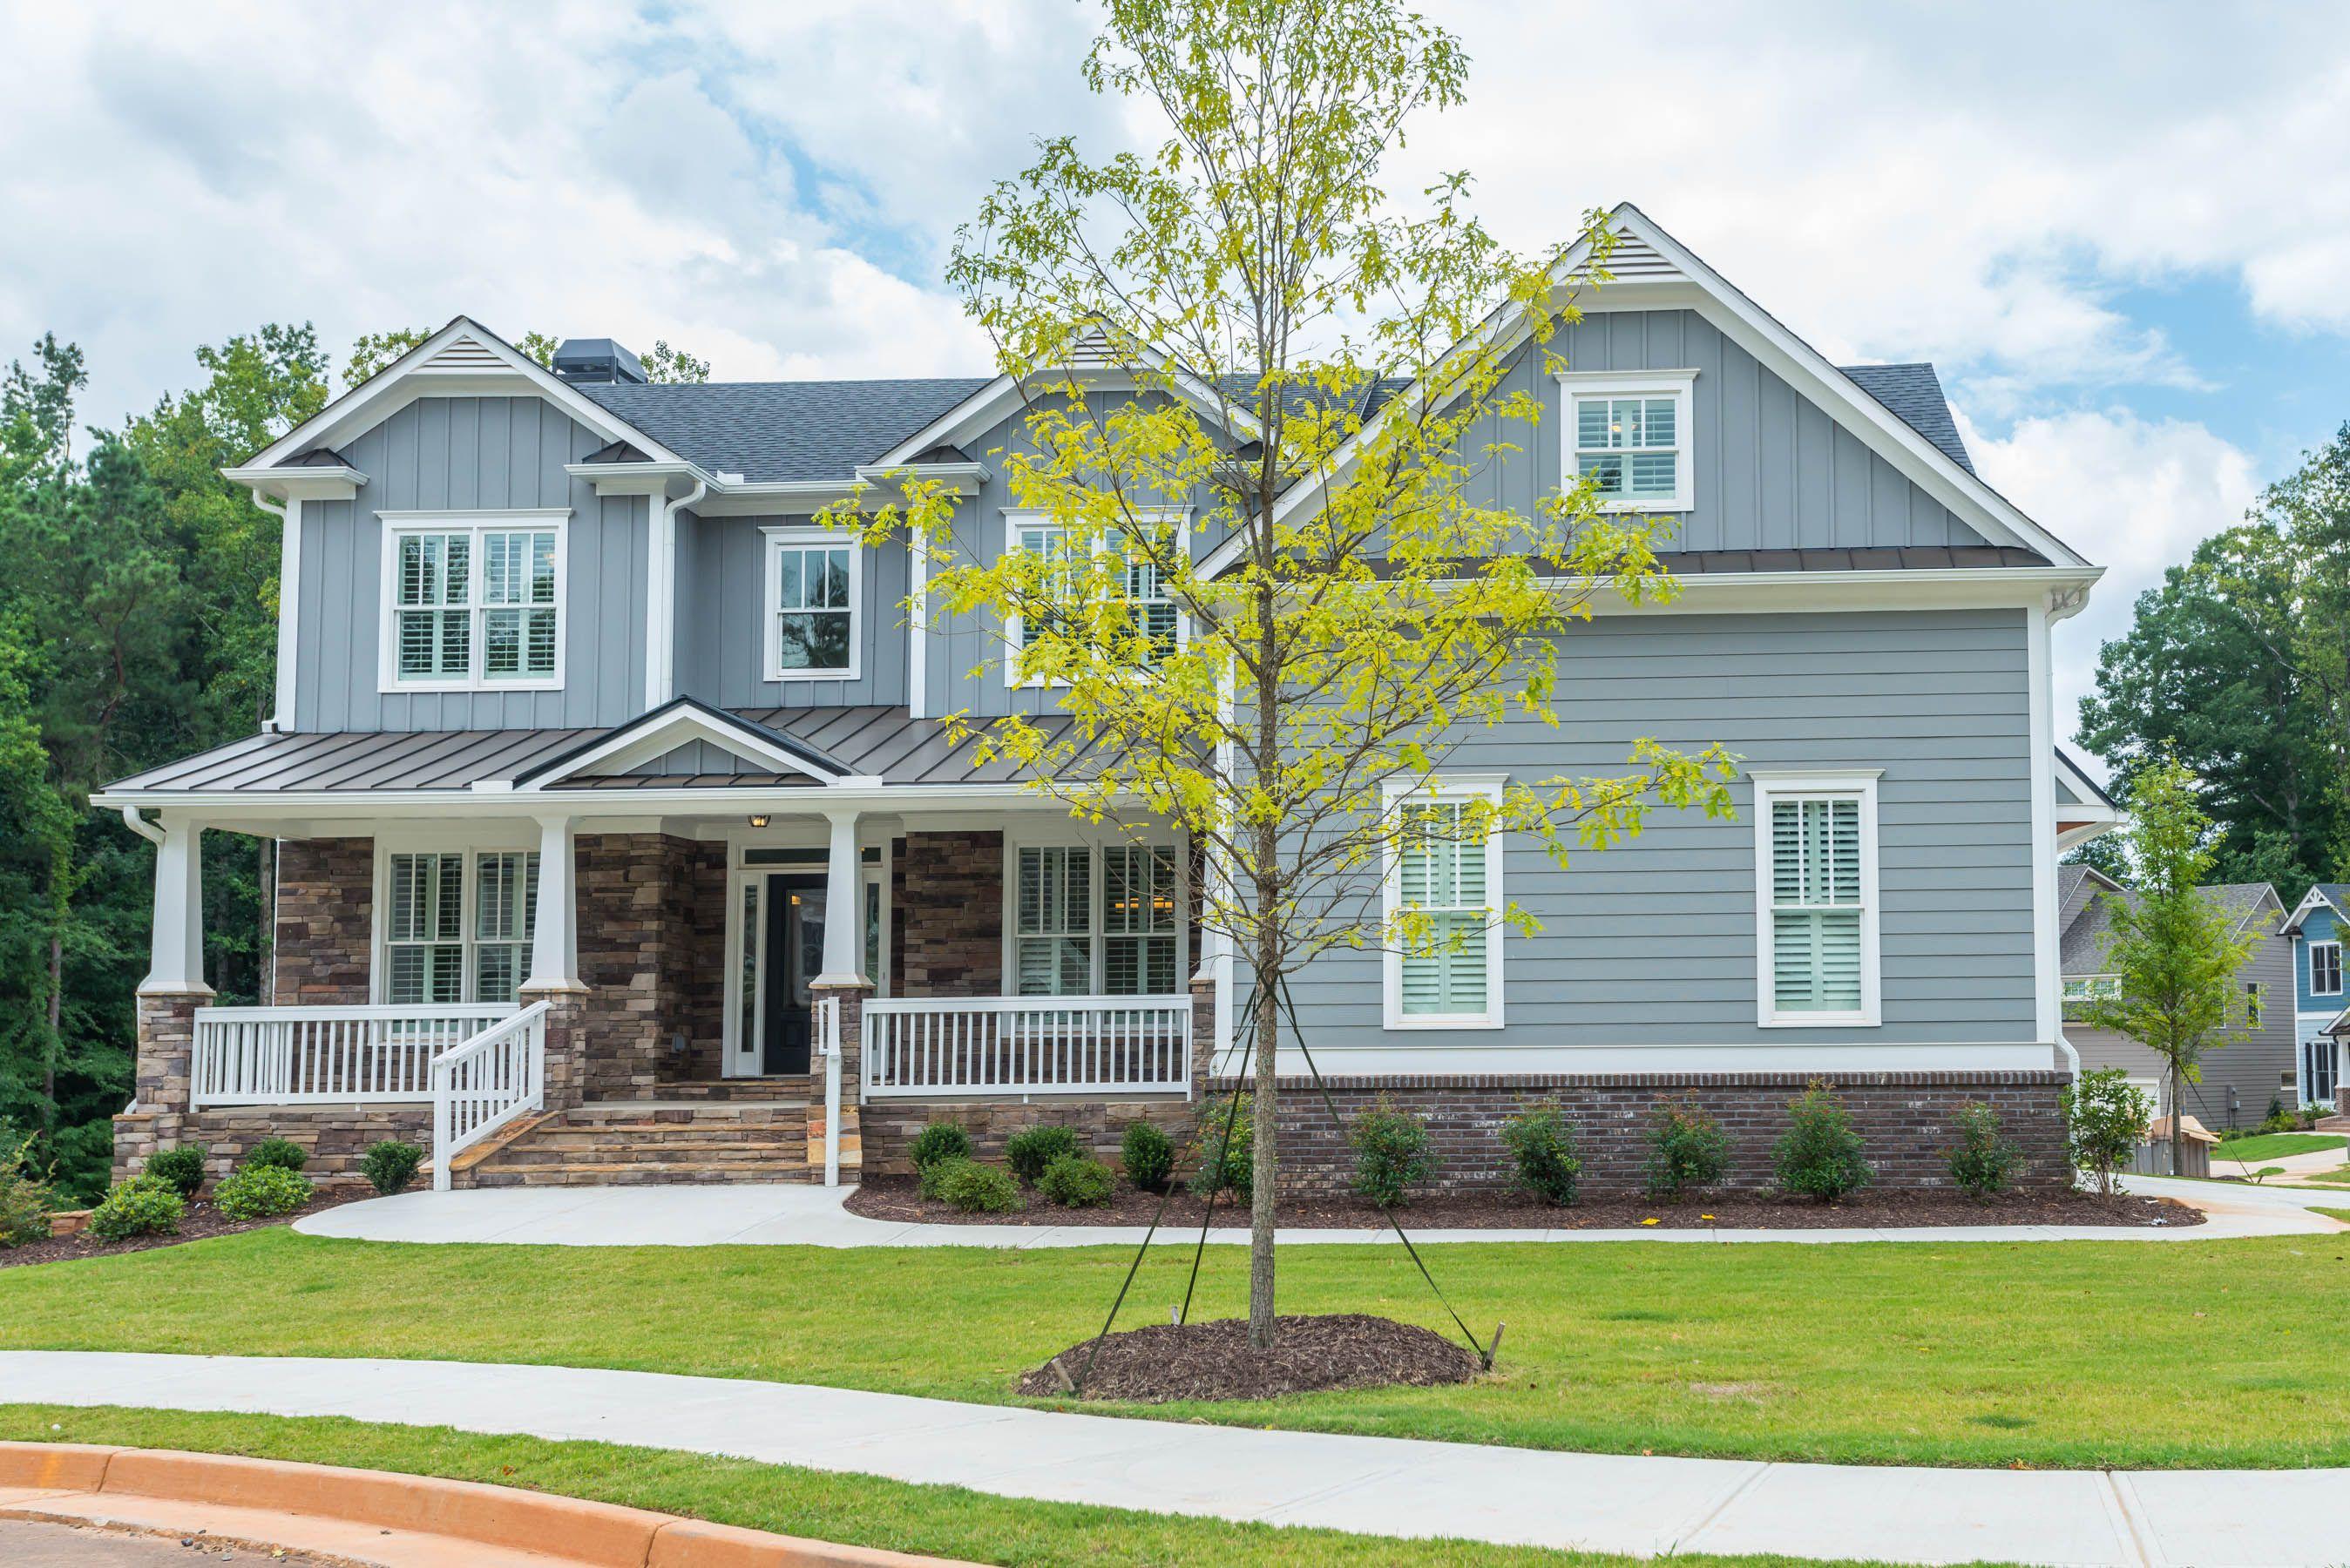 30044 new homes communities 508 communities newhomesource rh newhomesource com